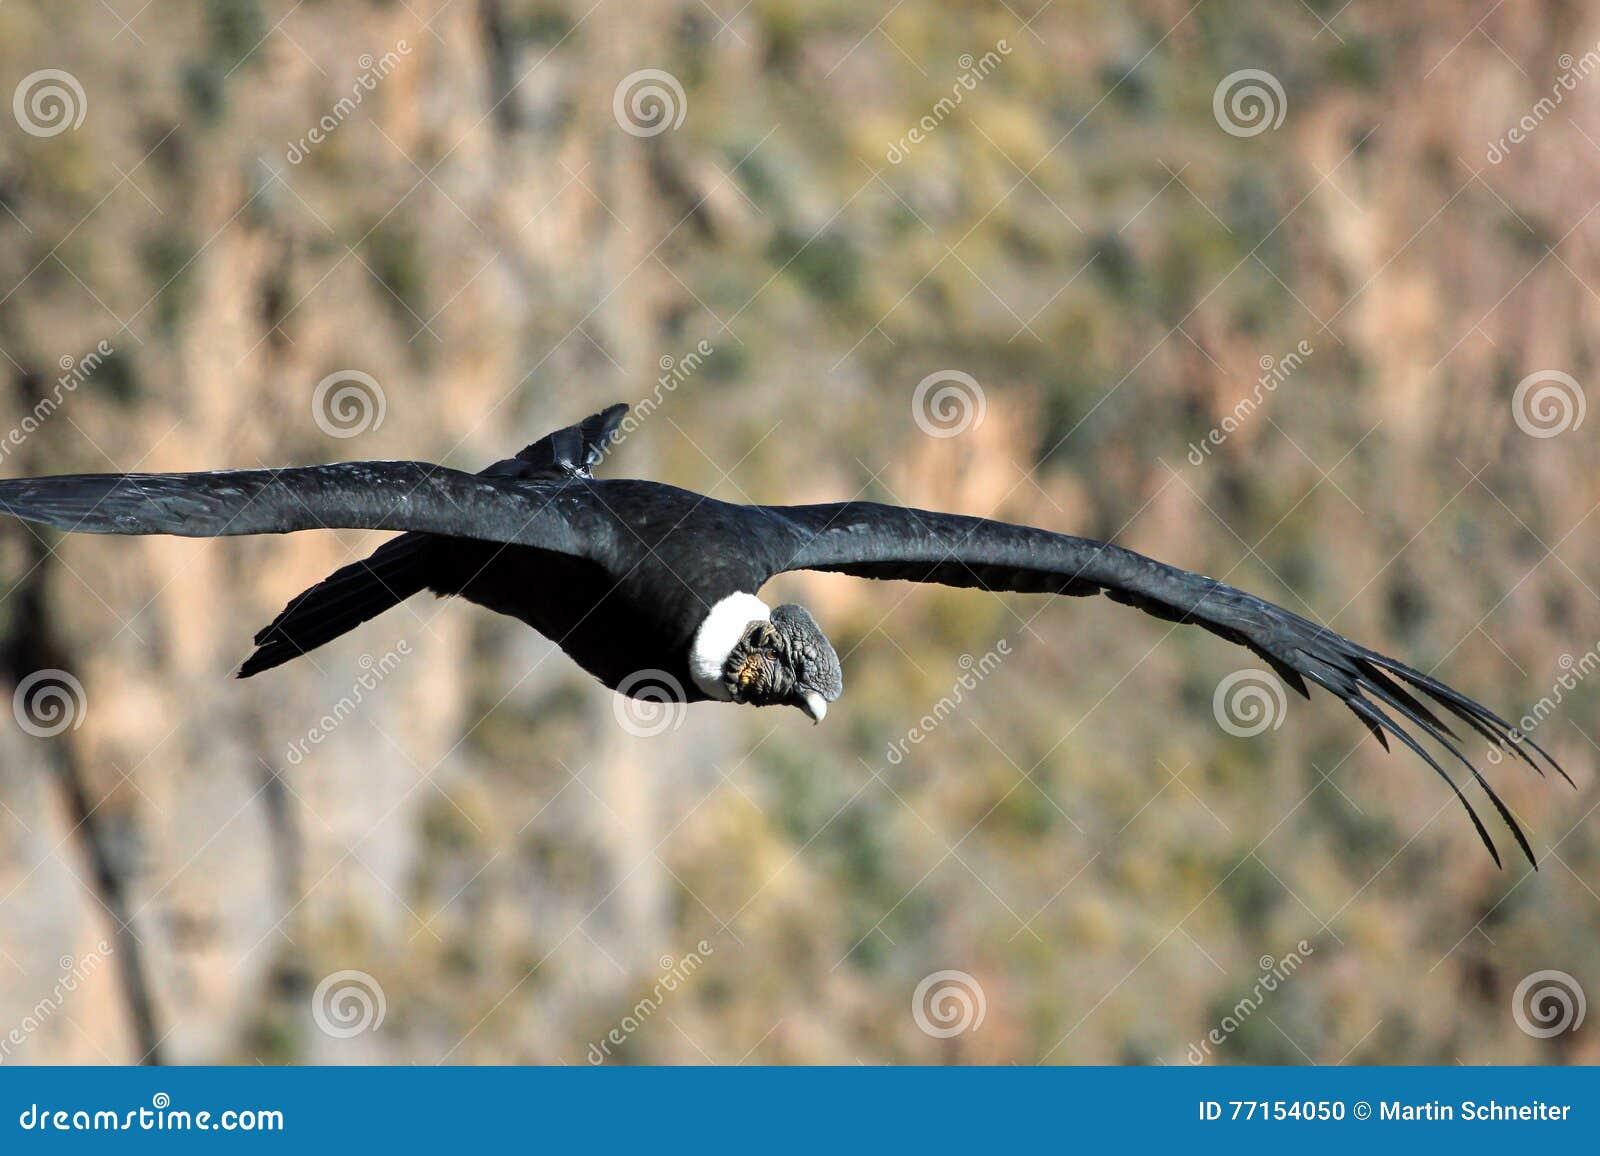 Fin masculine de vol de condor andin